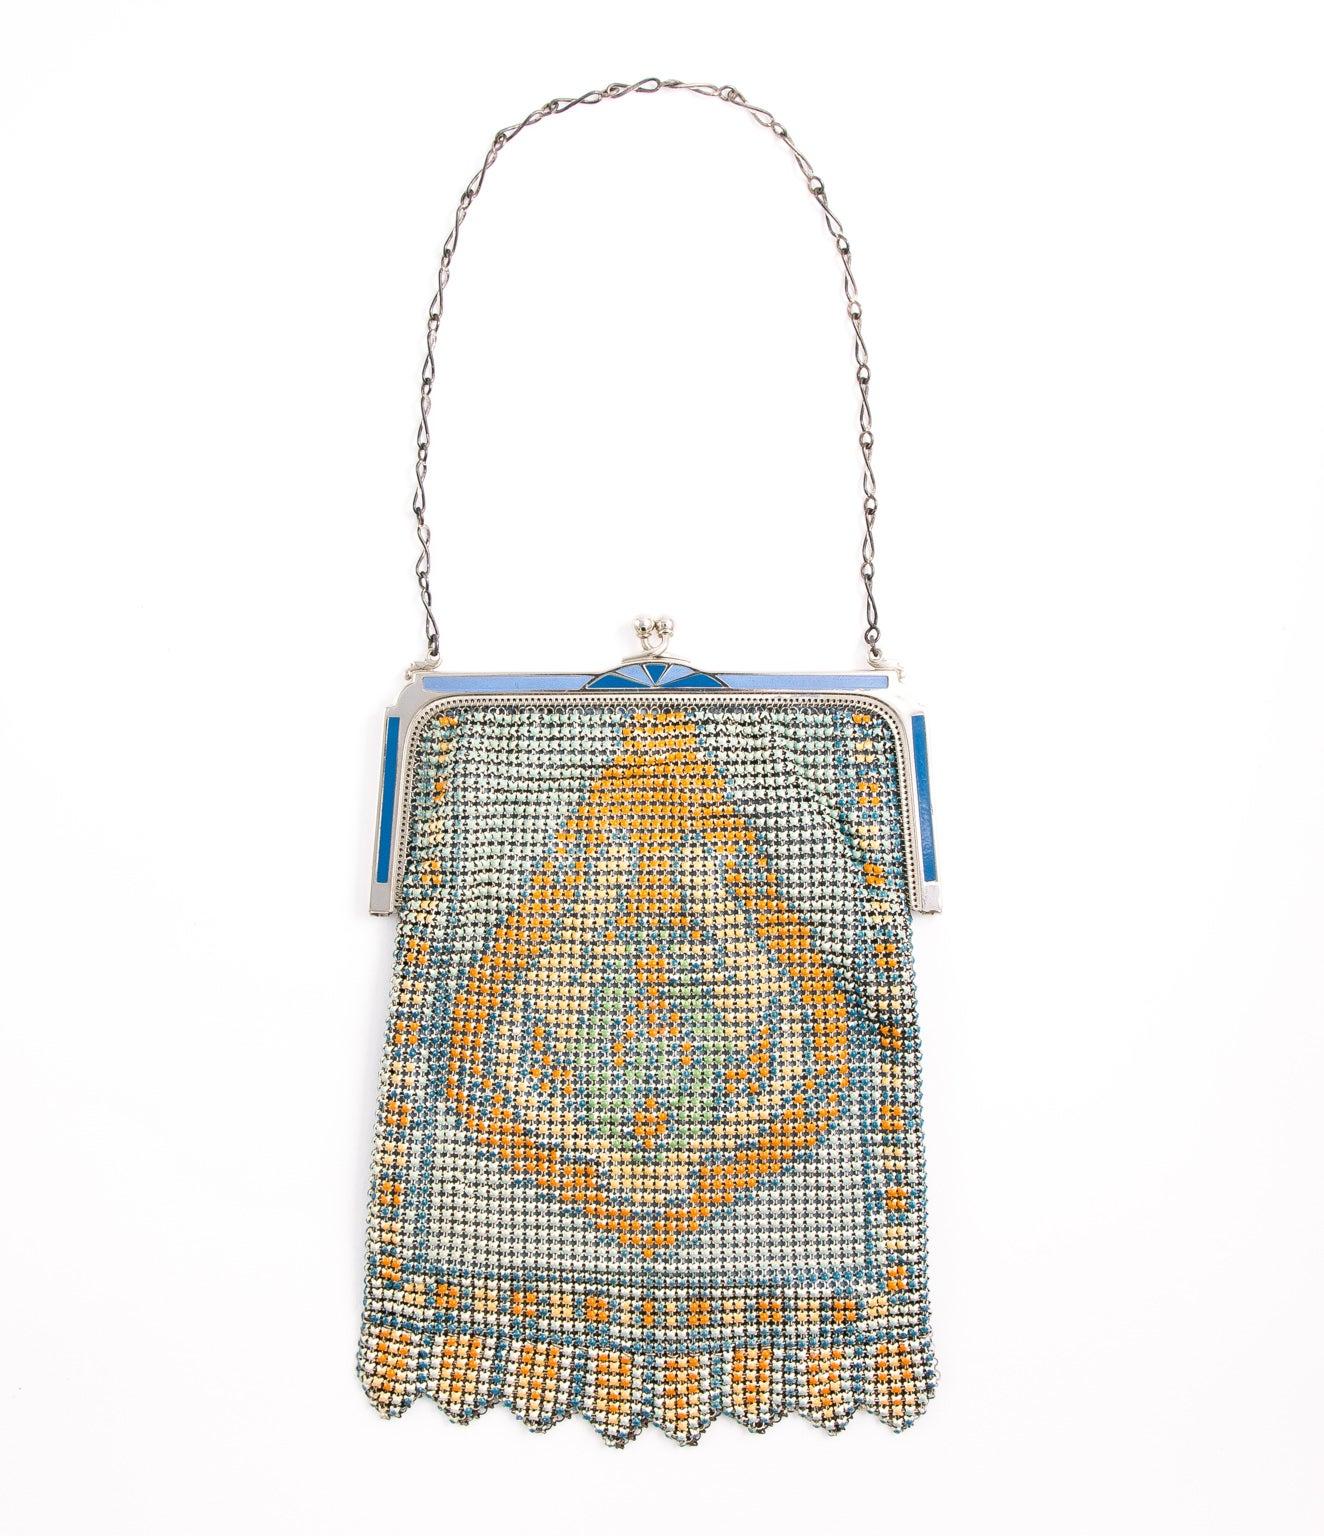 1stdibs Sleek Silver Metallic Python Cylinder Clutch Bag Designed By R & Y Augousti AEdT4Yh